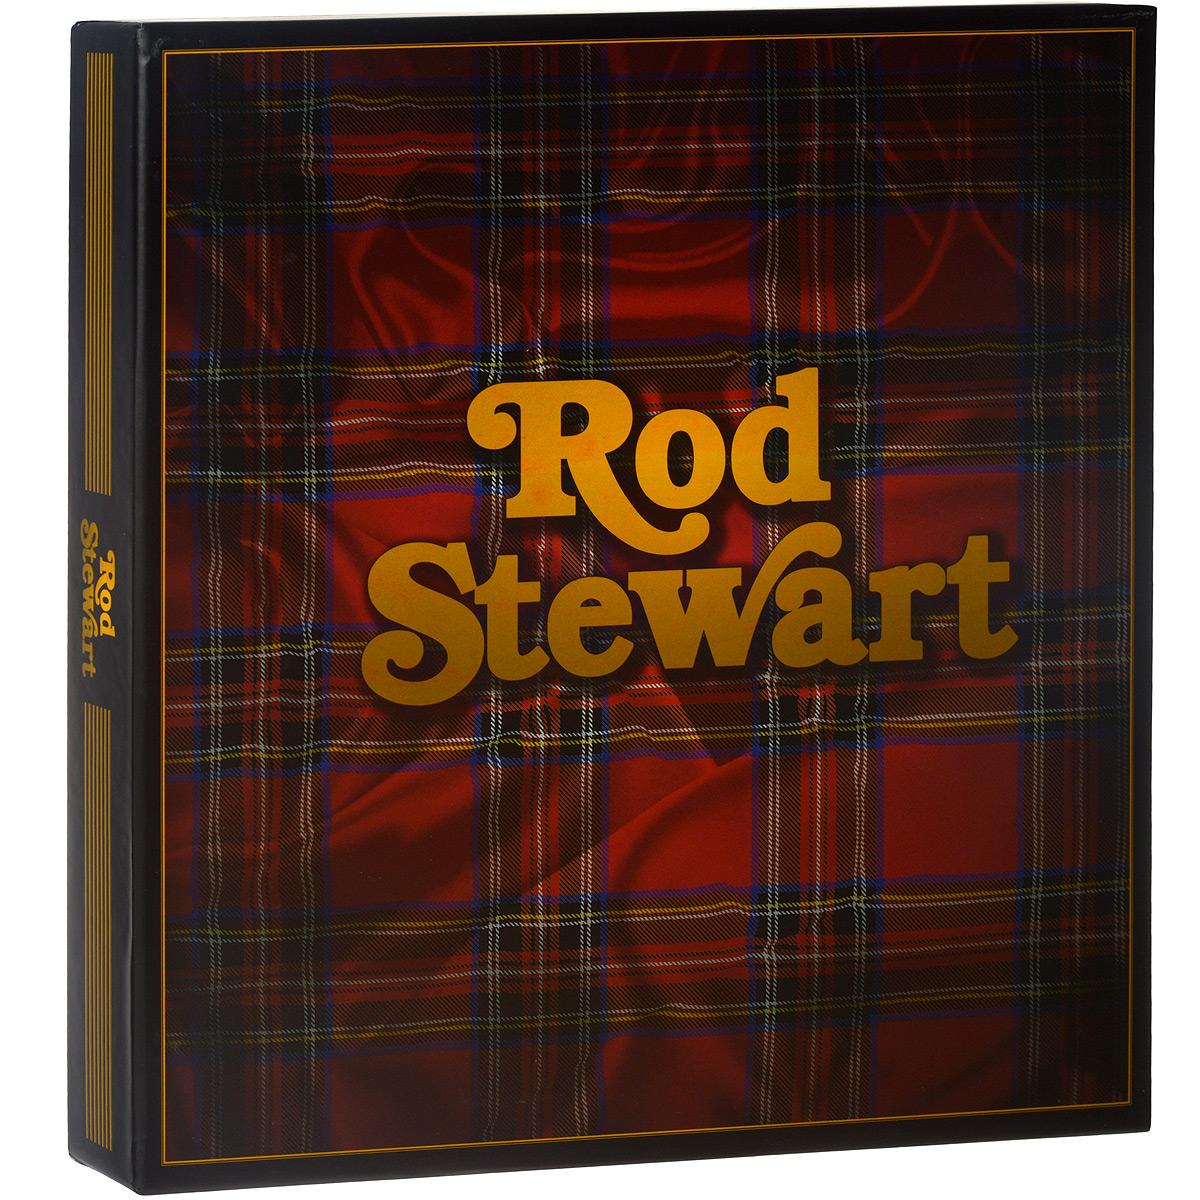 Род Стюарт Rod Stewart. Rod Stewart (5 LP) кастрюля tvs 8g40624271m001c diva induction 4 7 л